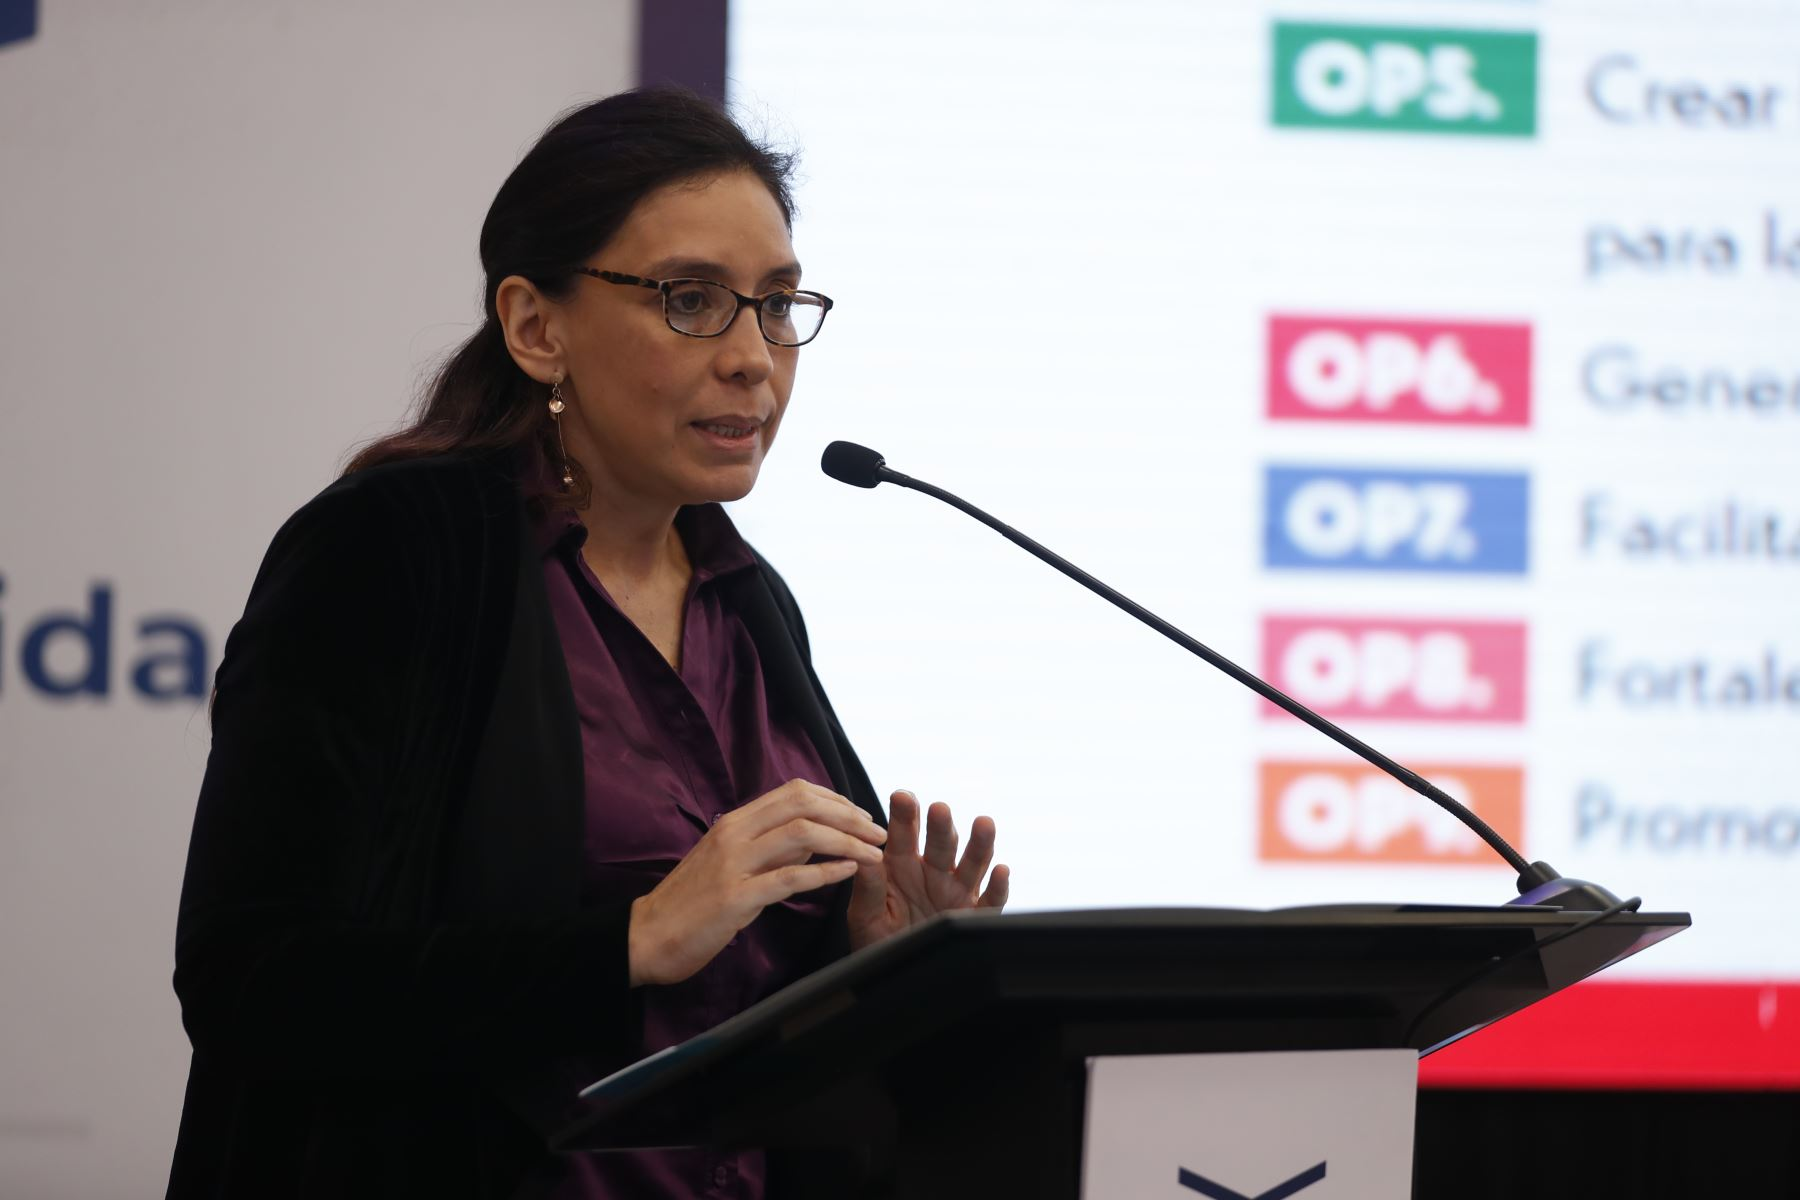 Miryam Yepes Salazar, directora de la Dirección de Inteligencia Económica y Optimización Tributaria del Ministerio de Economía y Finanzas. Foto: ANDINA/Renato Pajuelo